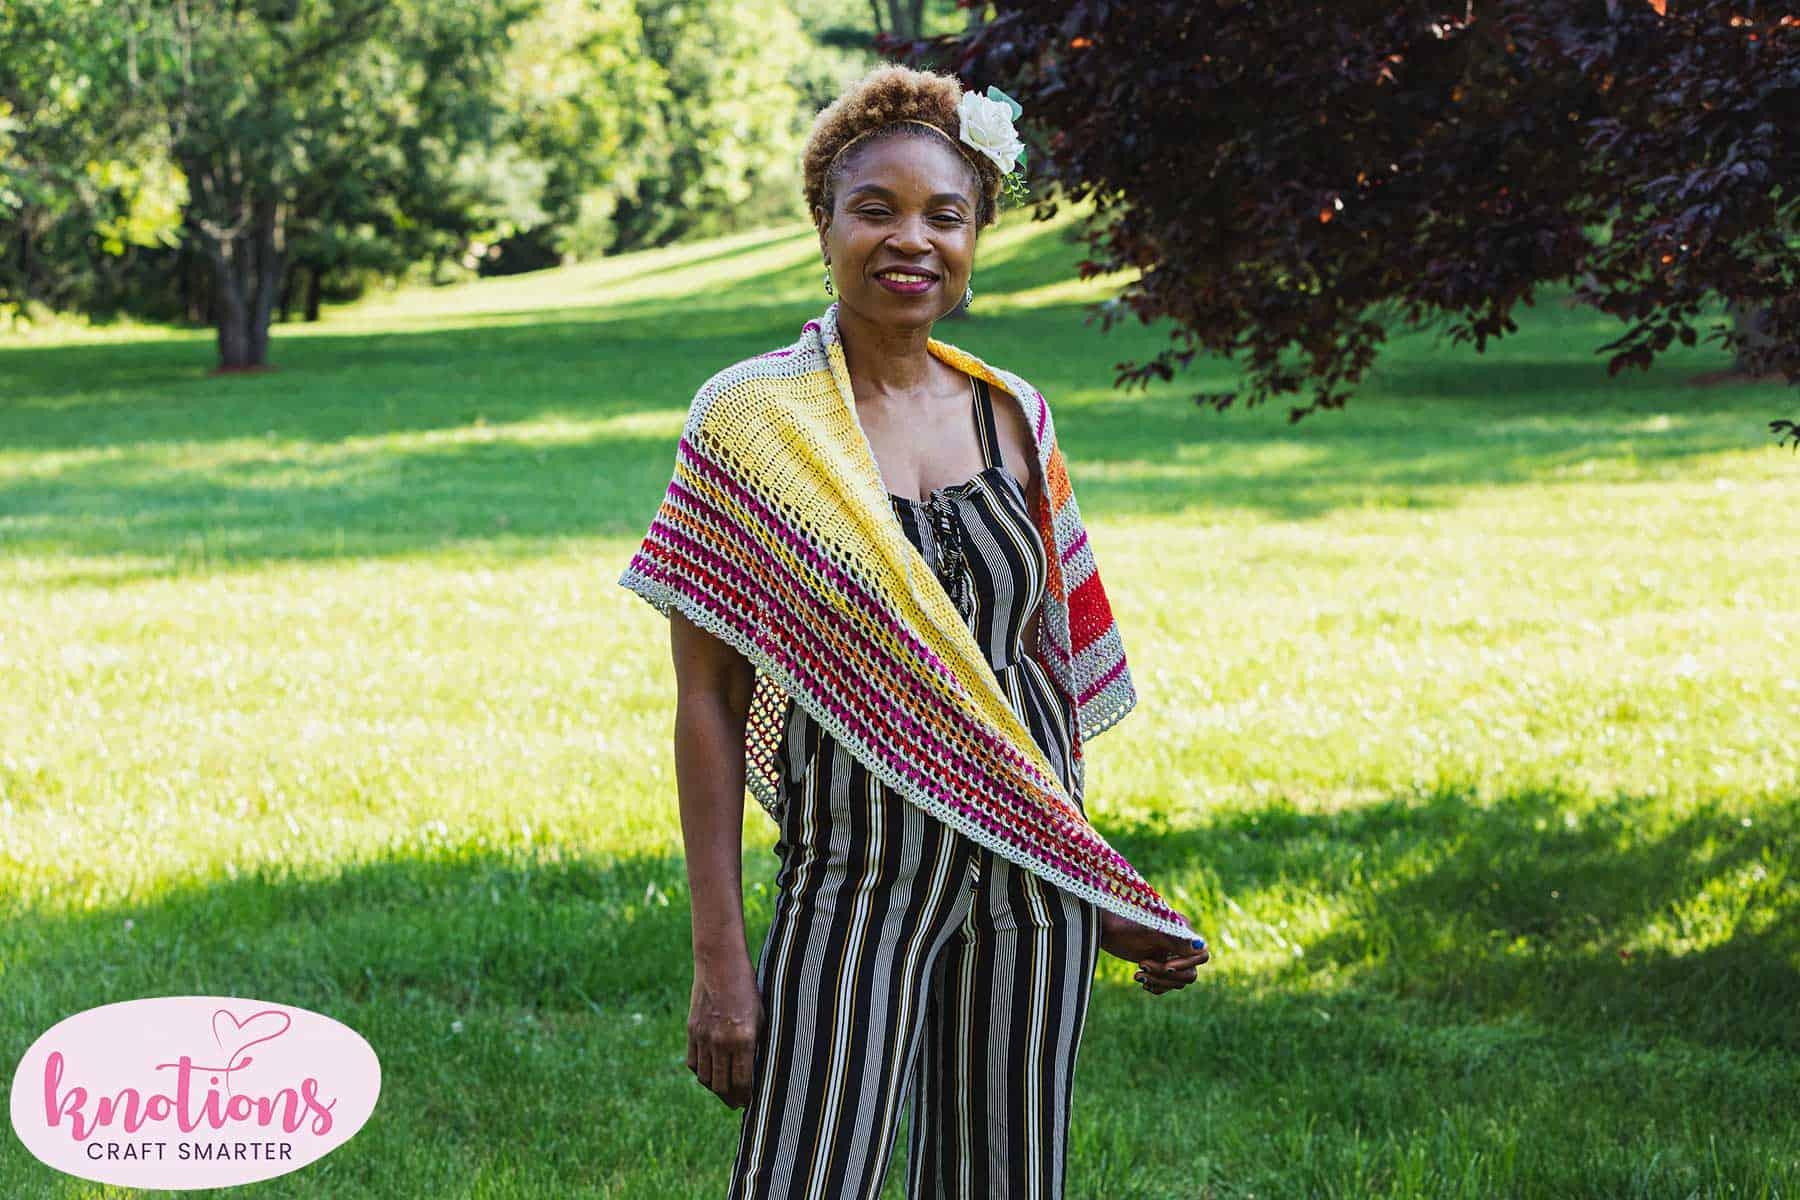 engla-shawl-1